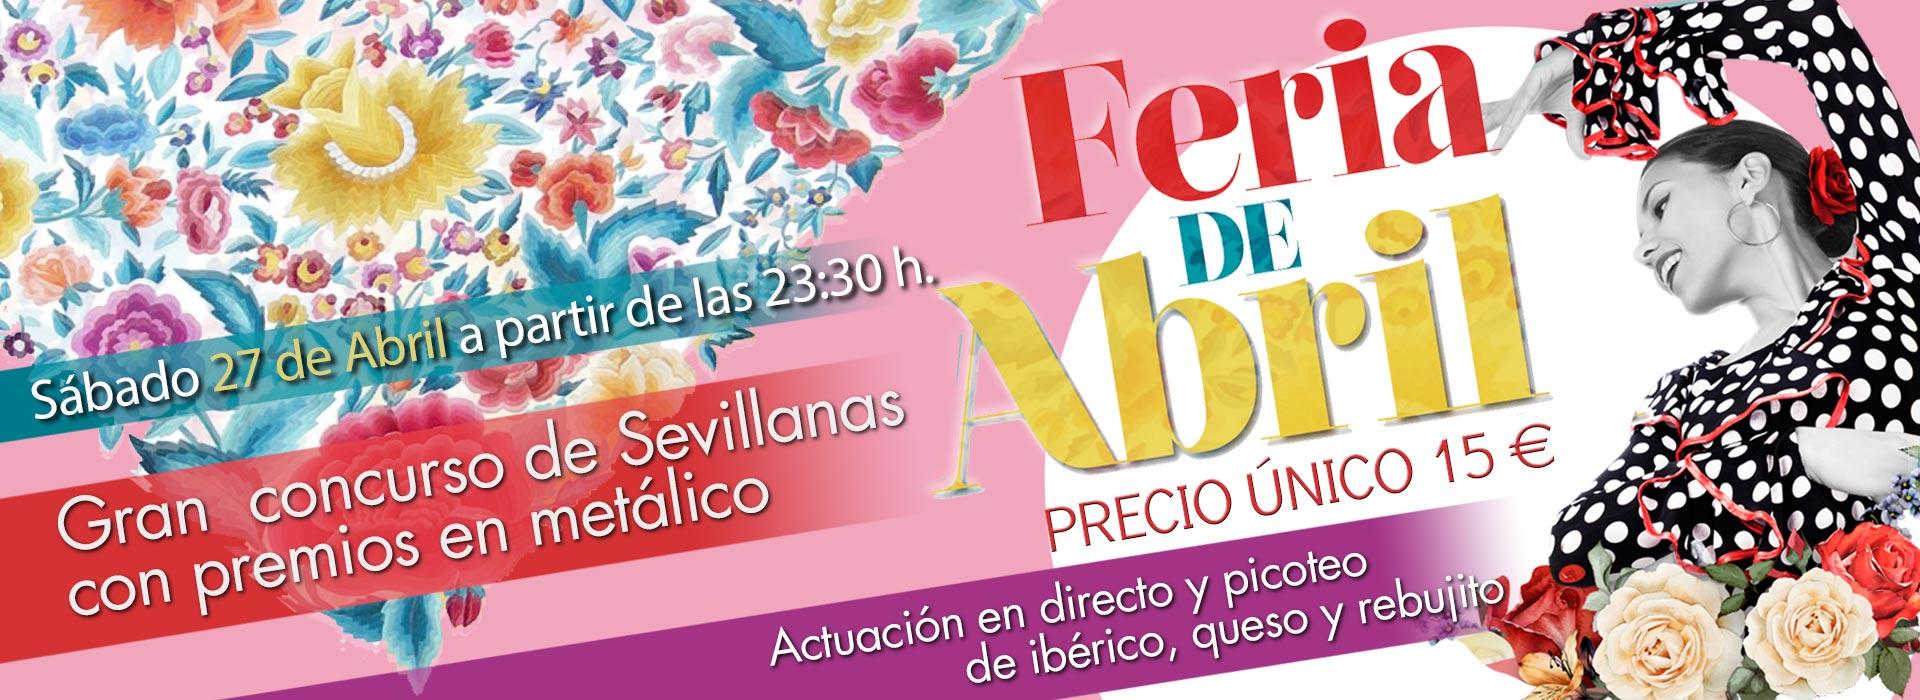 Feria-Abril-2019